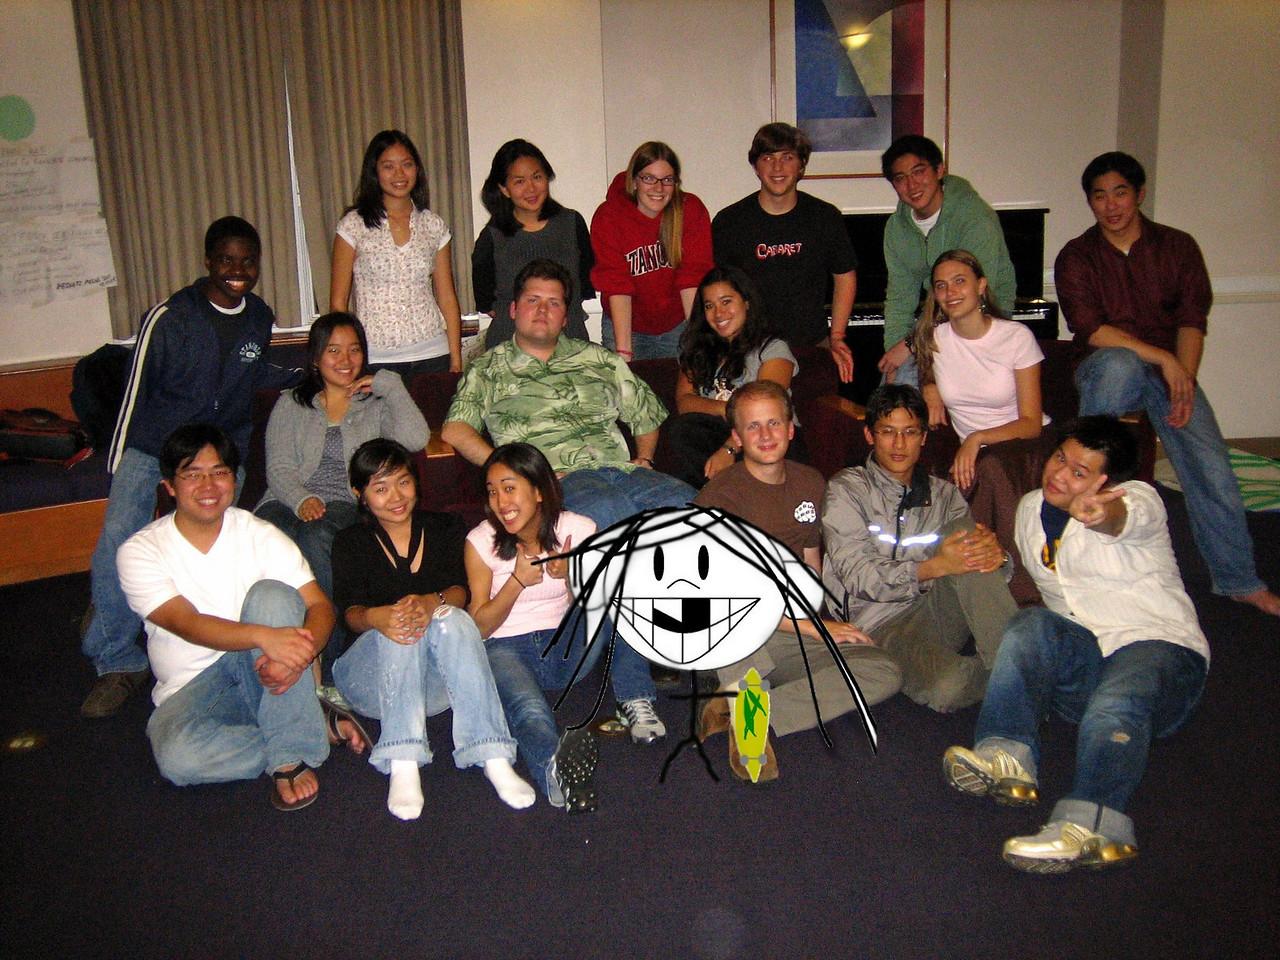 2006 11 29 Wed - Tmony with Jenn Kim - photochop 2